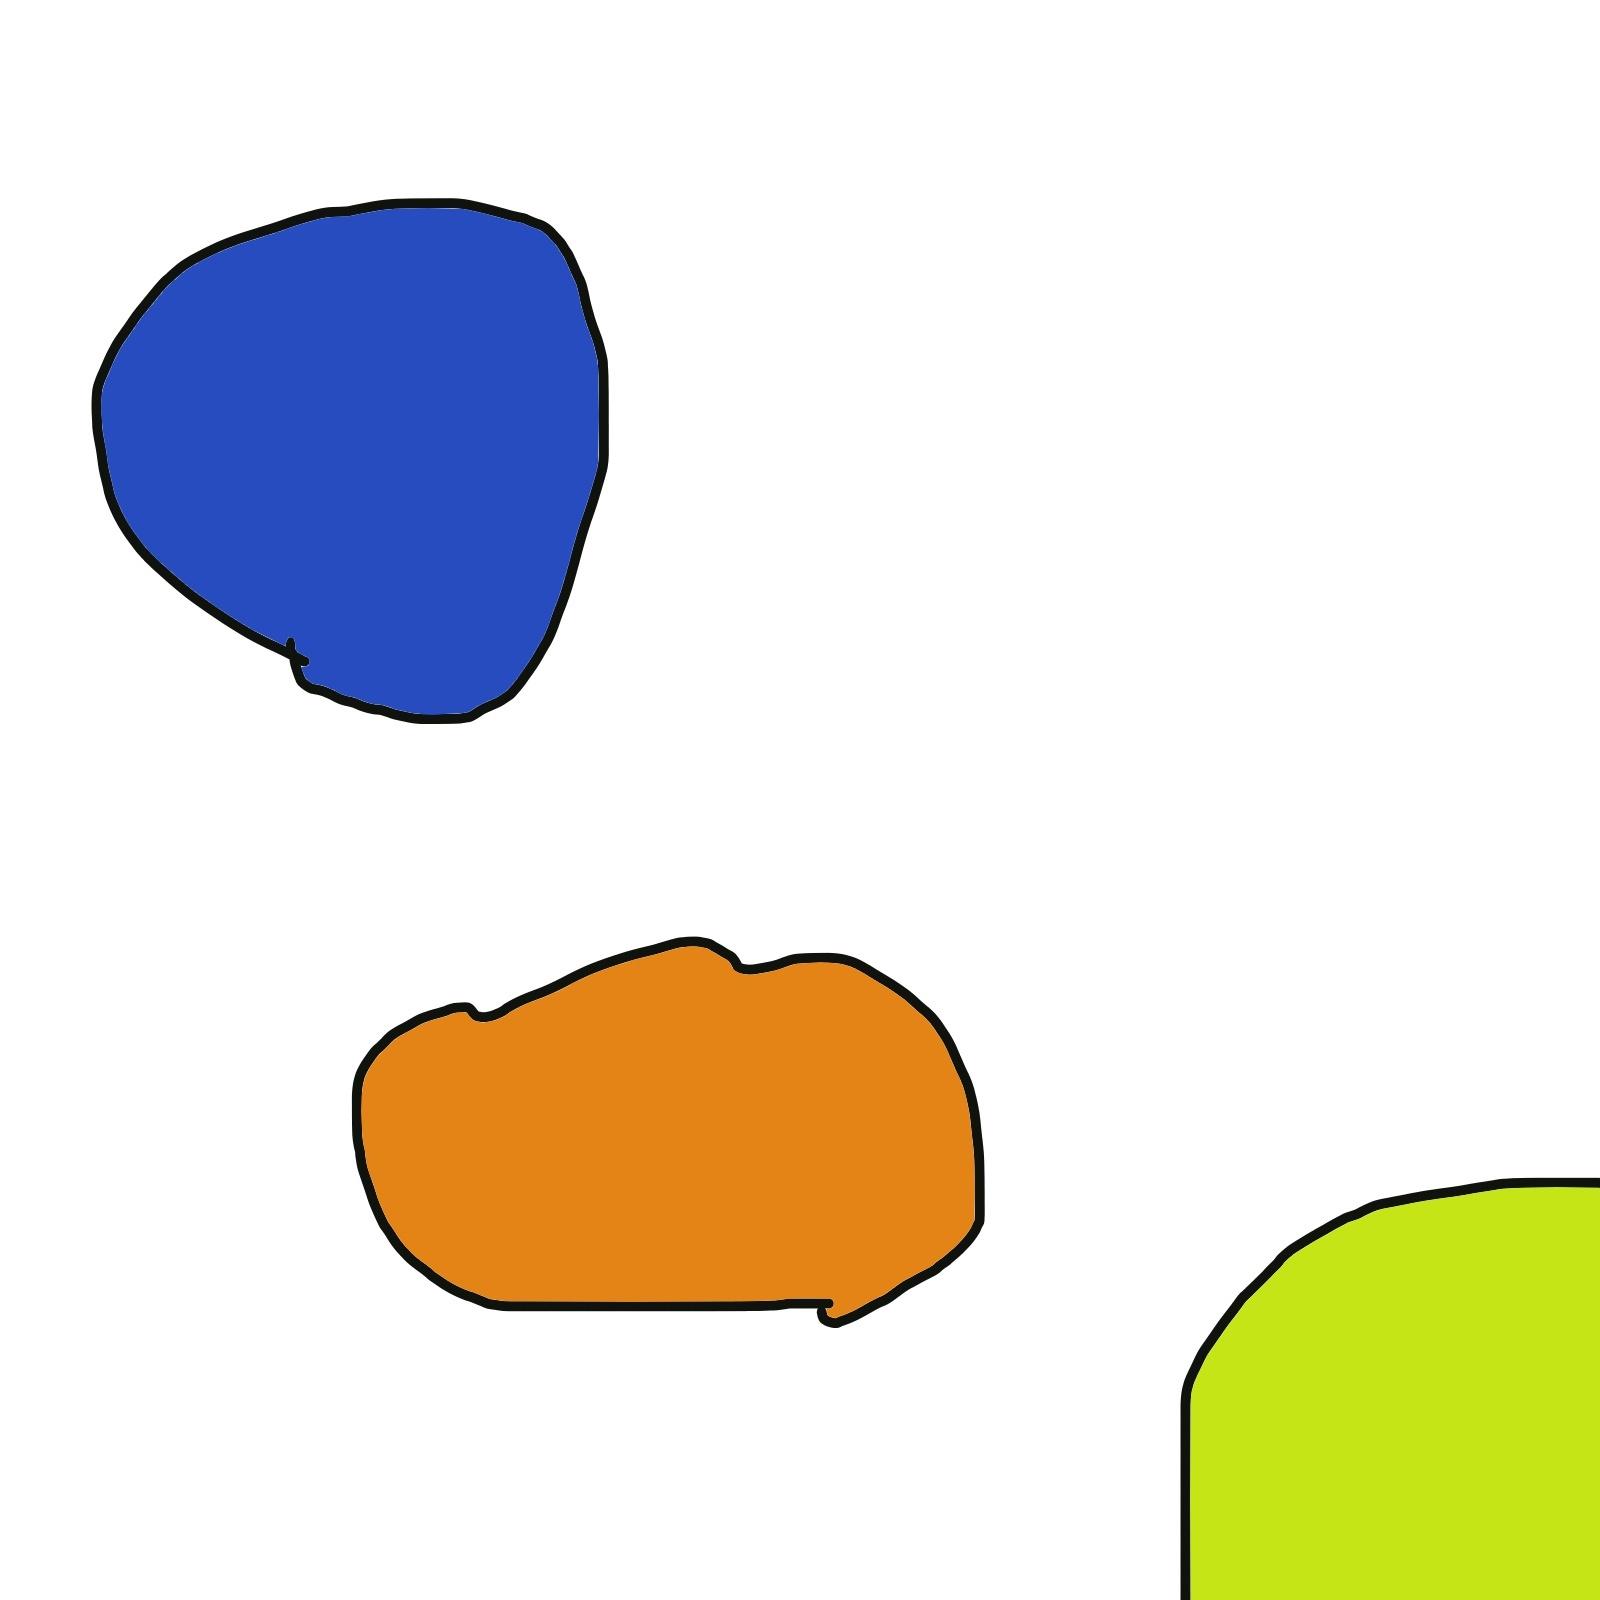 2f869a62f0b439ec244438e81a90bfc5.jpg?sr.dw=286&sr